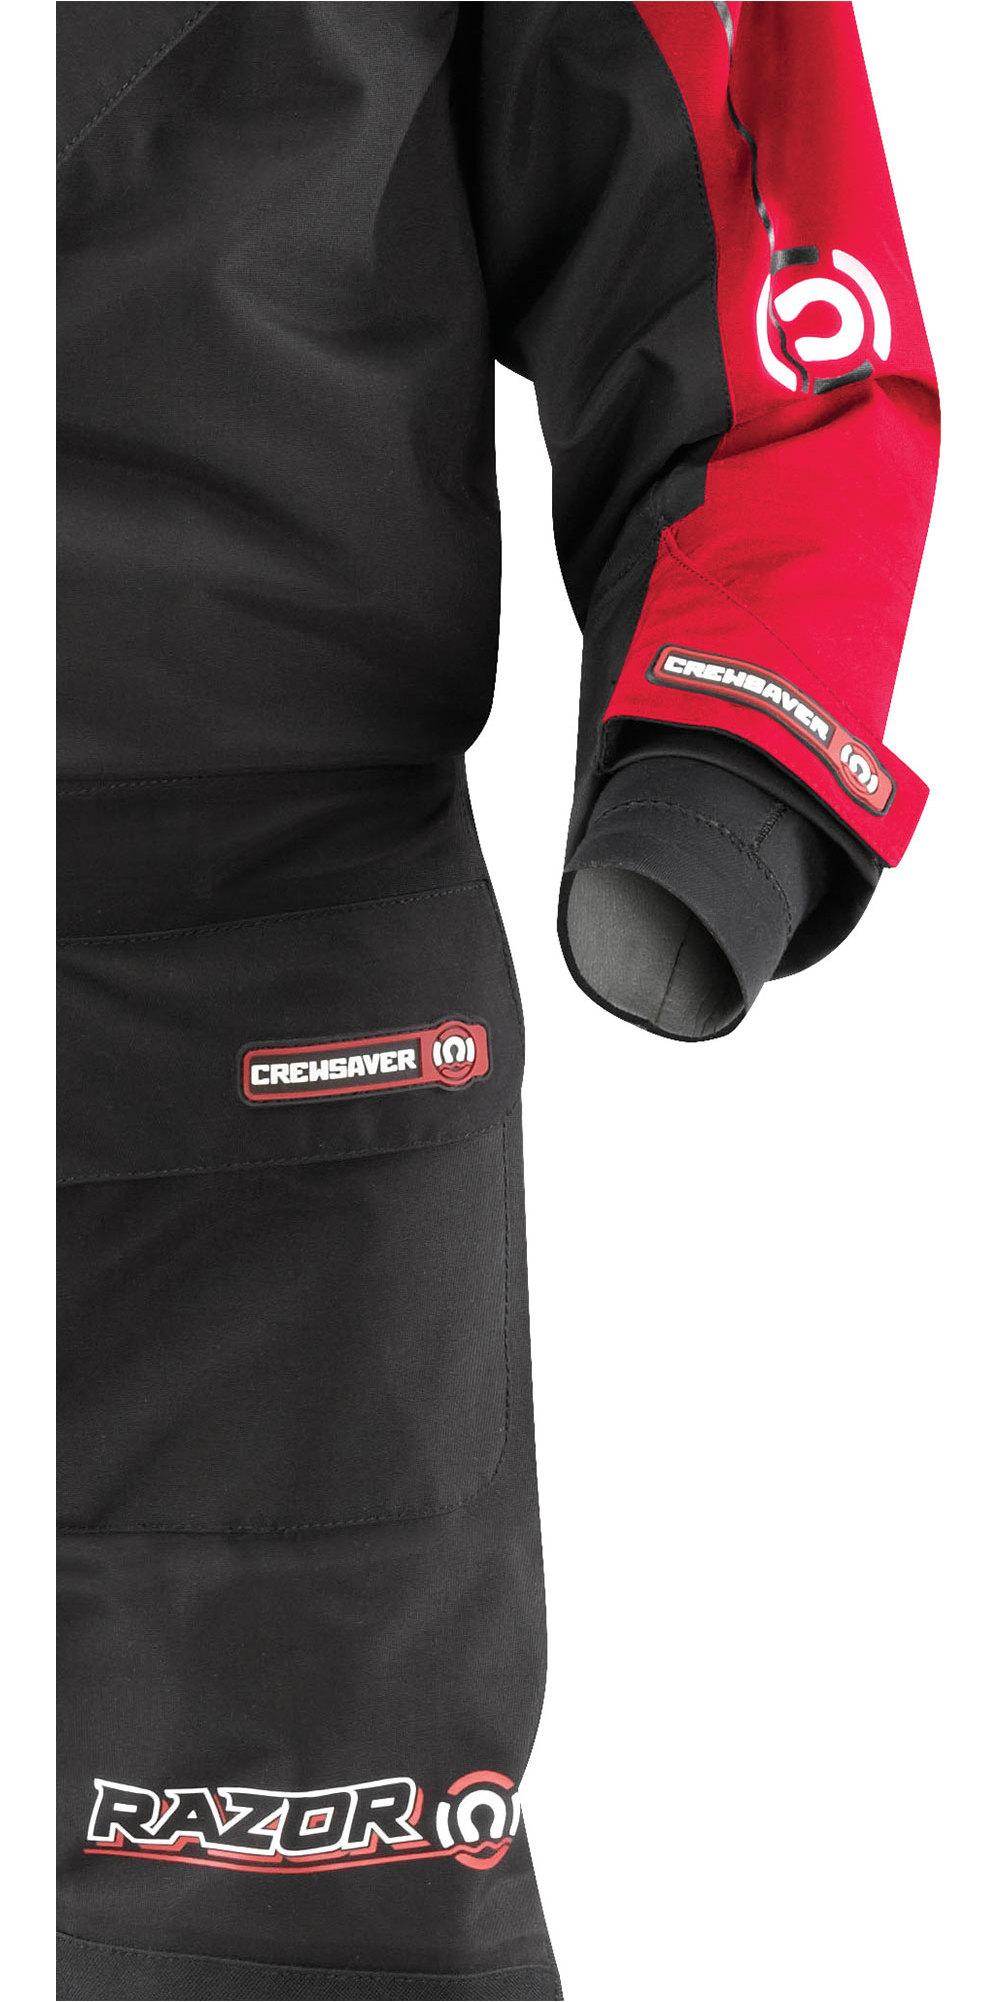 2019 Crewsaver Junior Barbermaskine Drysuit Inc Underfleece 6565